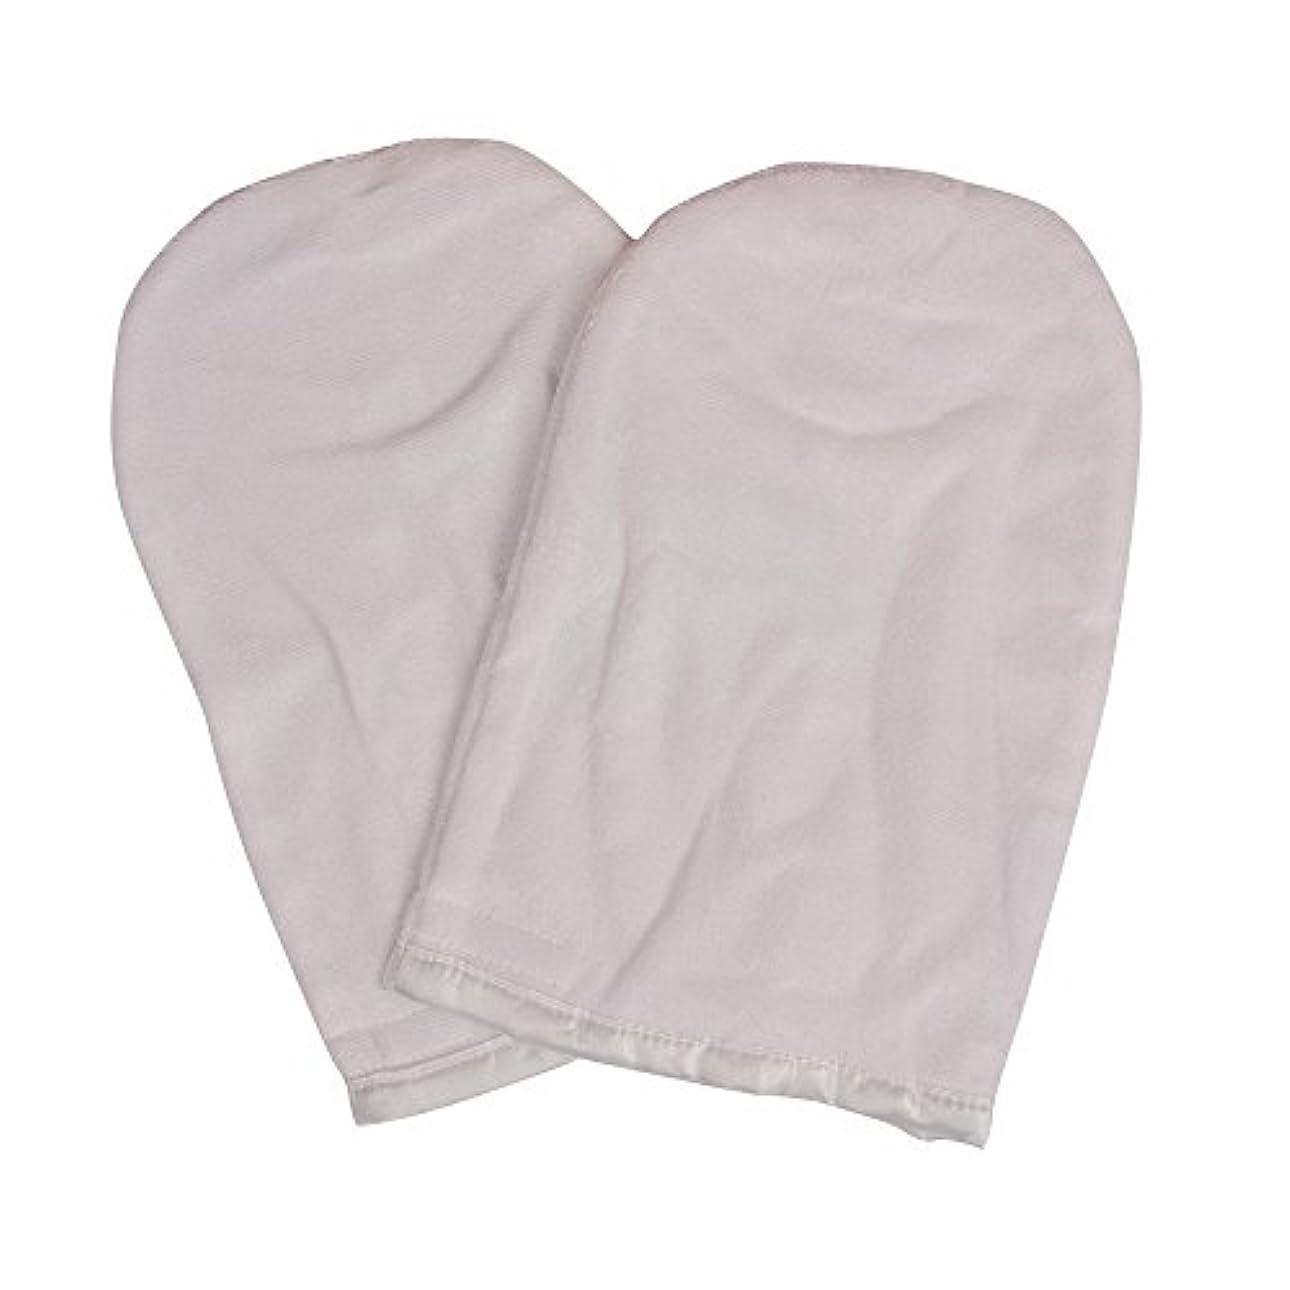 頭分散傀儡パラフィン用ハンドグローブ 全2色 (ホワイト) パラフィンパック パラフィン ハンド グローブ (ハンド用)